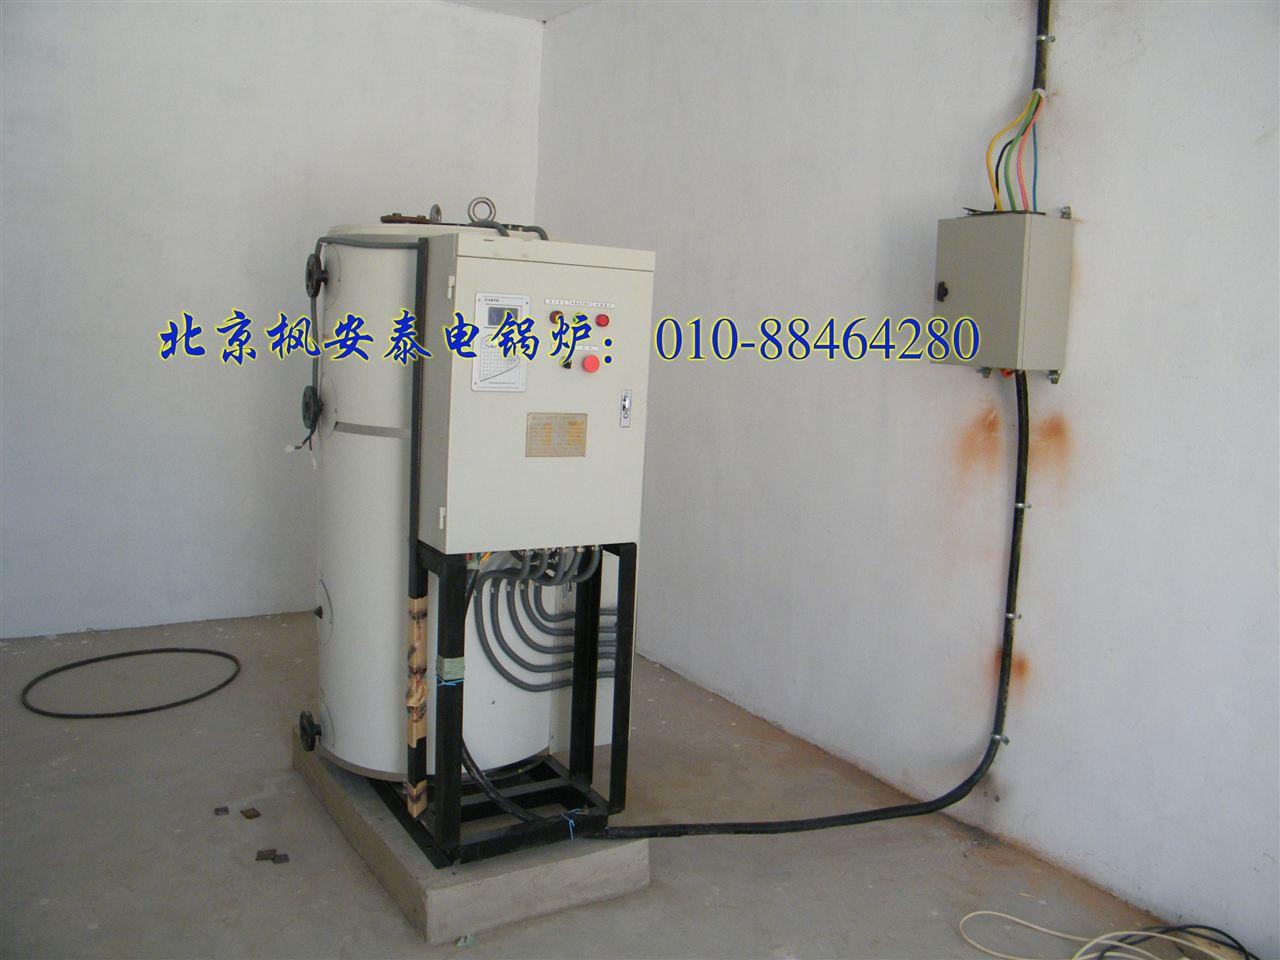 甲醇热水锅炉甲醇蒸汽锅炉甲醇锅炉价格北京锅炉